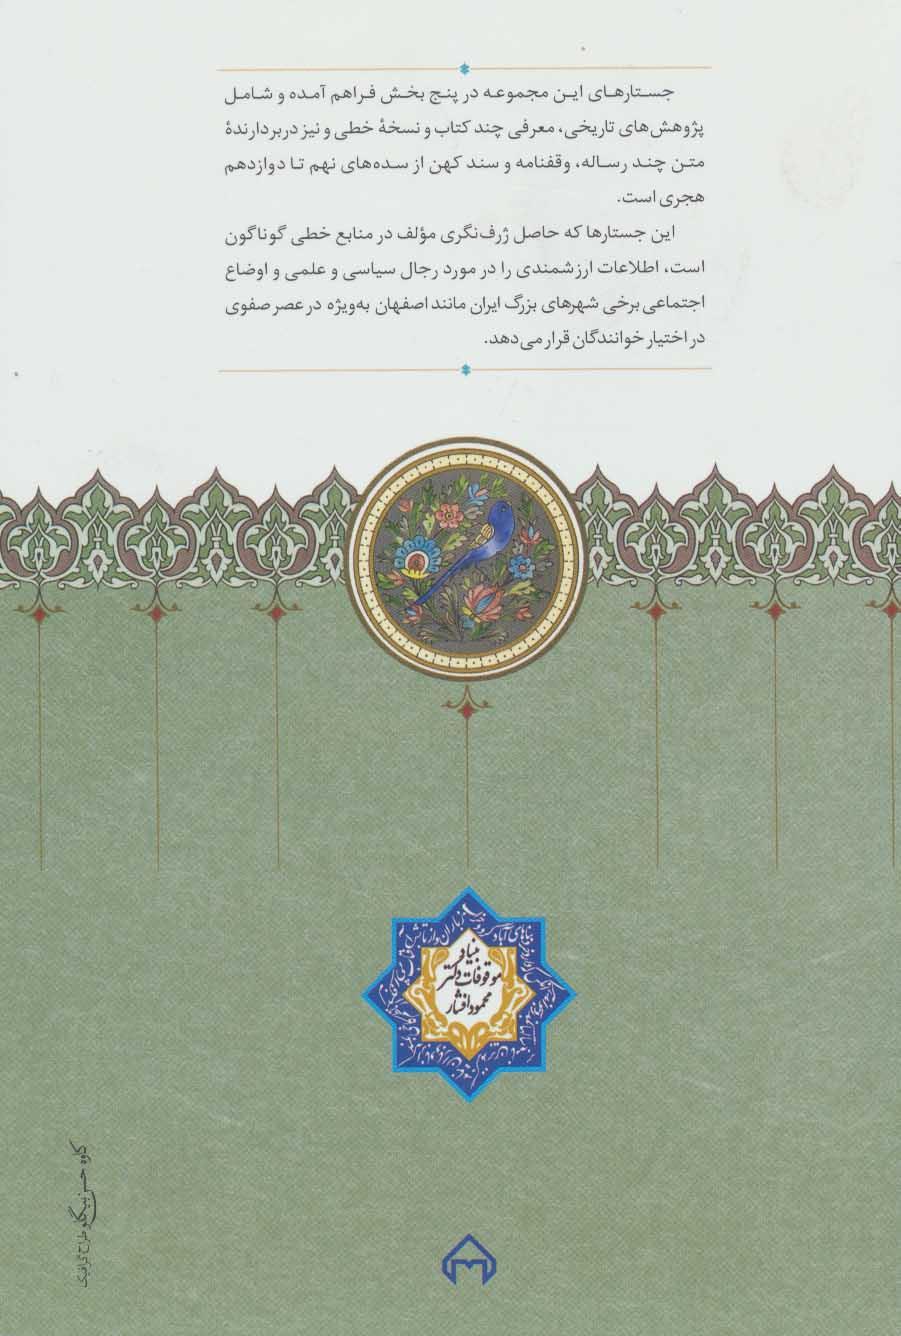 بیست و پنج جستار از محمدتقی دانش پژوه